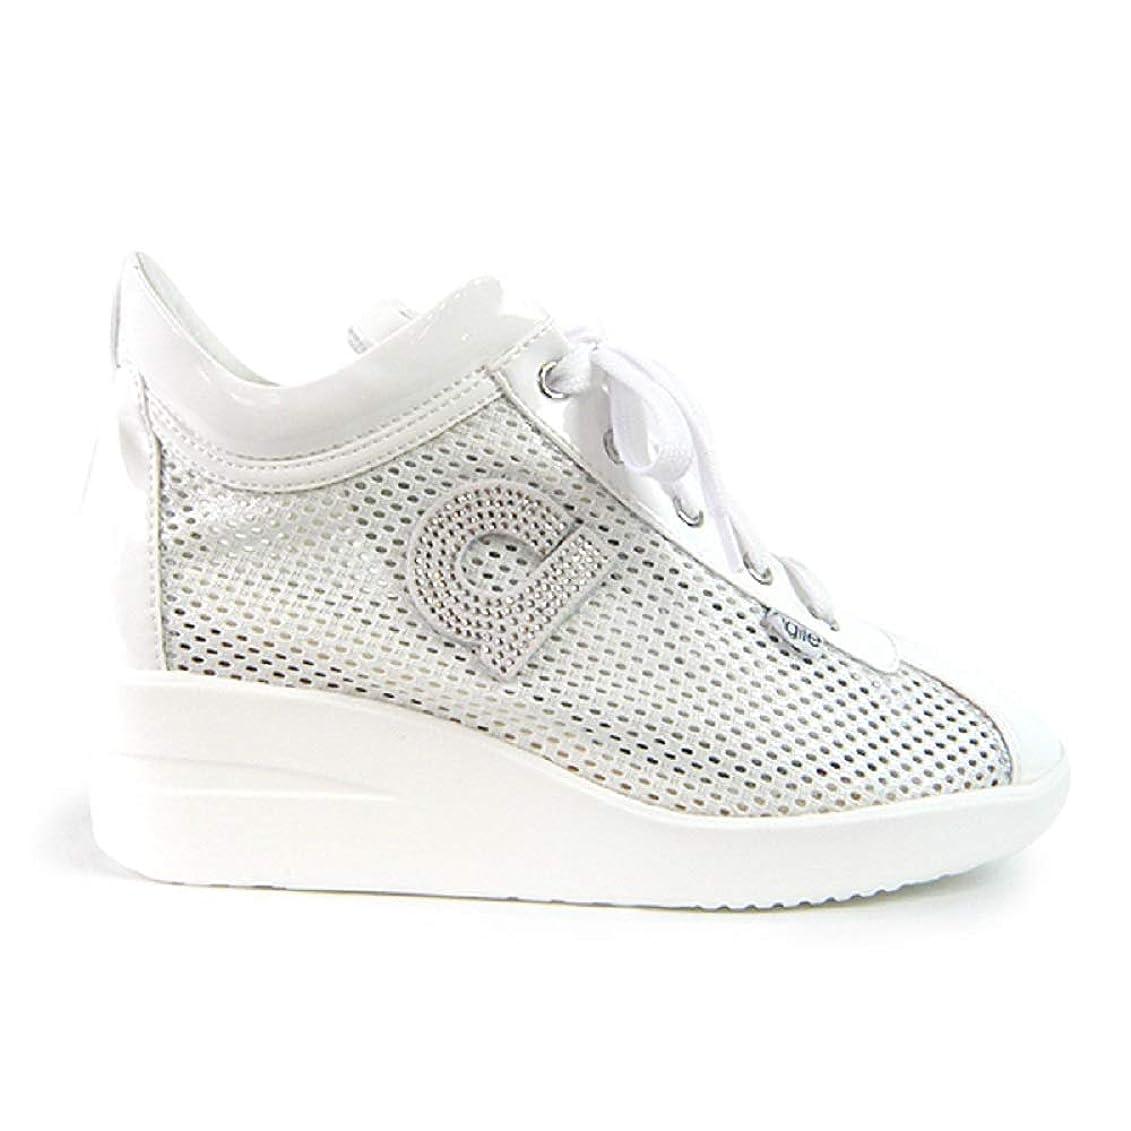 子豚漏れ劇的[ルコライン] スニーカー アージレ 靴 メッシュ ホワイト 白 CHAMBERS STRASS agile-180WH